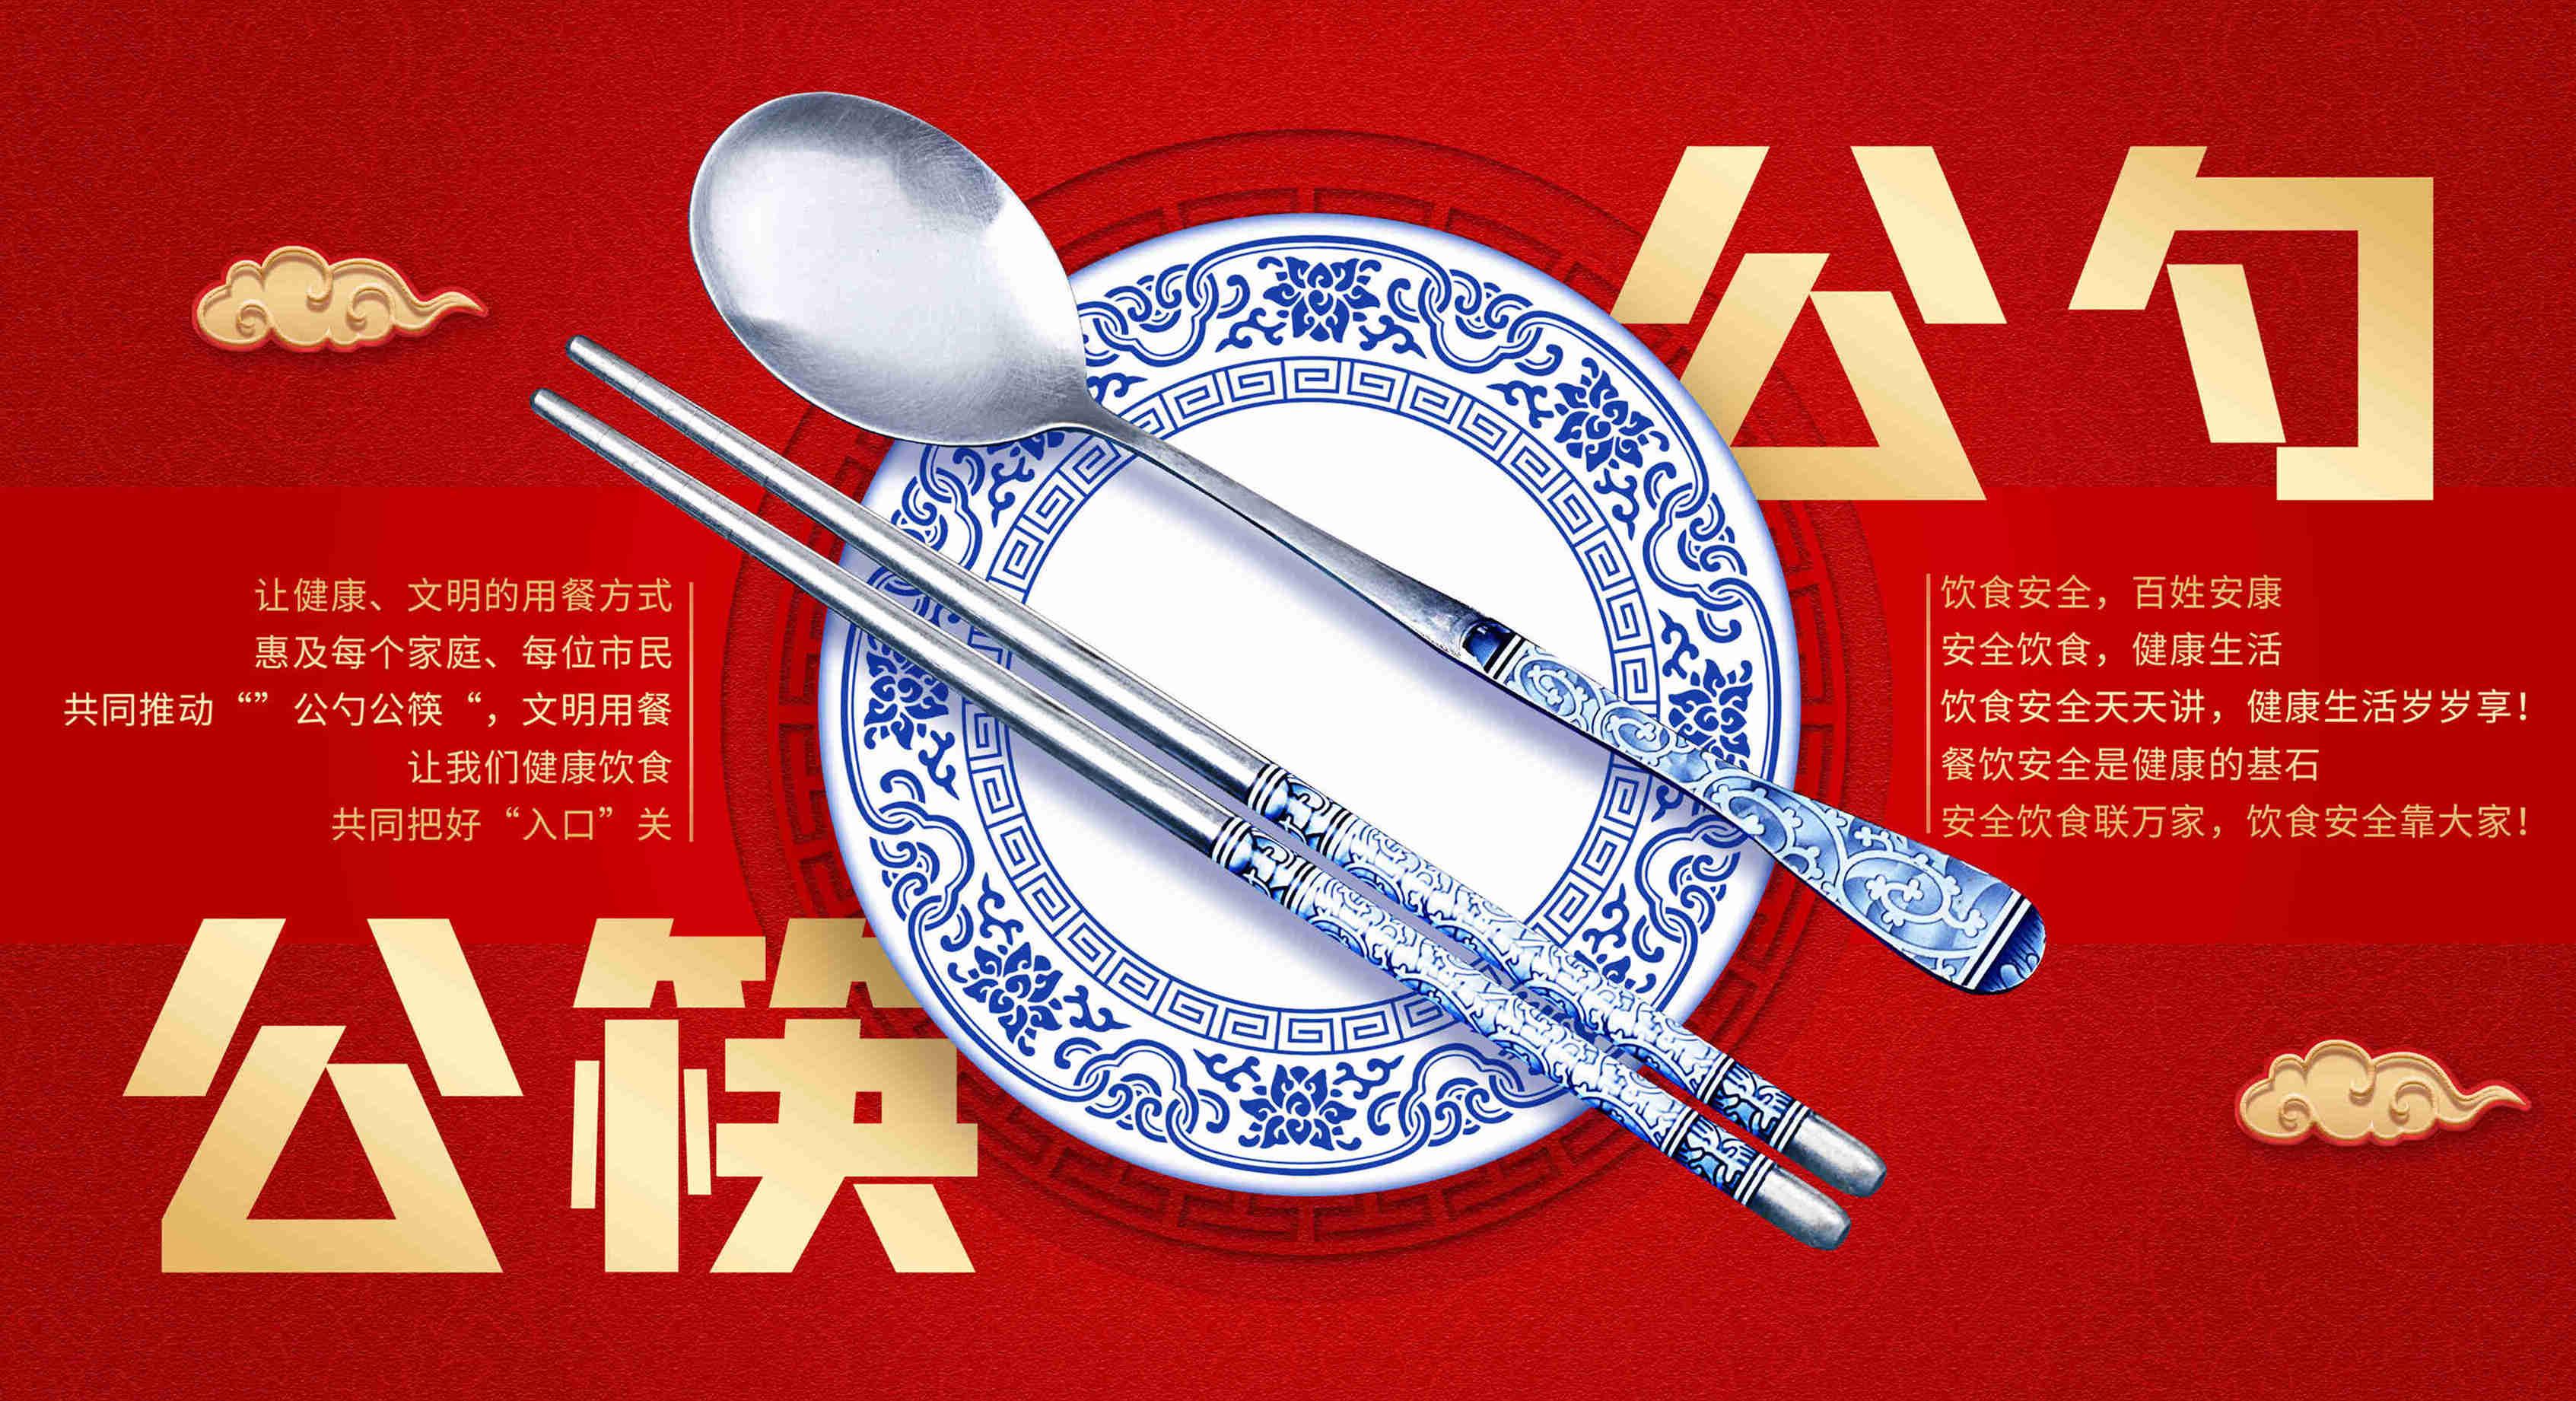 """博野县文明办关于""""使用公勺公筷、共建餐桌文明"""" 的倡议书"""